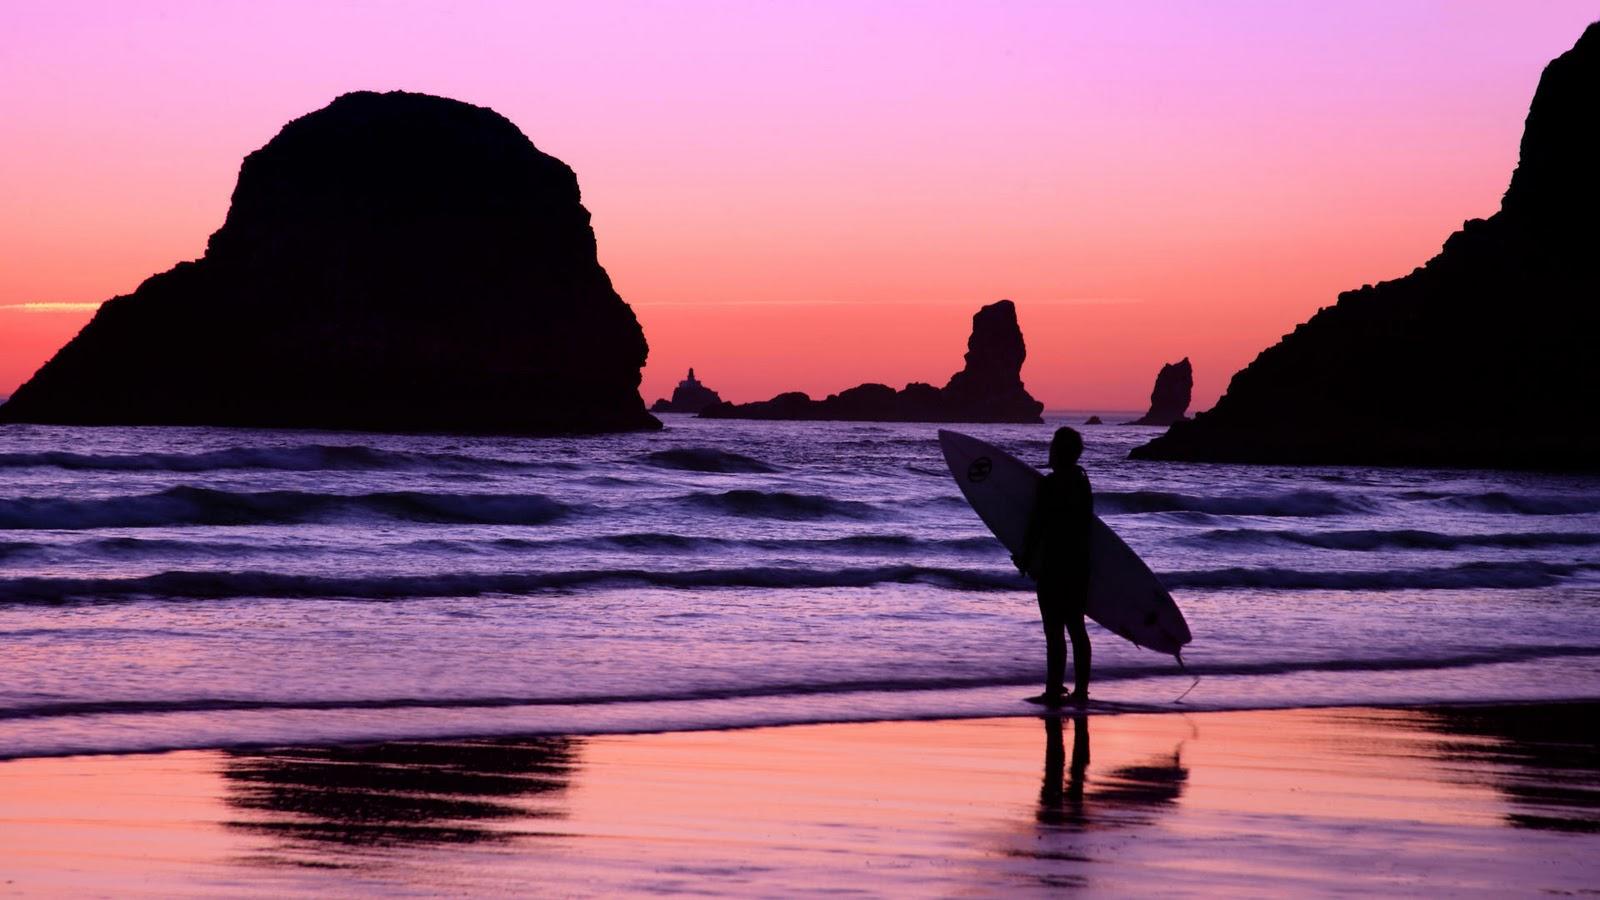 ... /jvQHYR740nc/s1600/desktop-beach-wallpapers-hd-beach-wallpaper-45.jpg